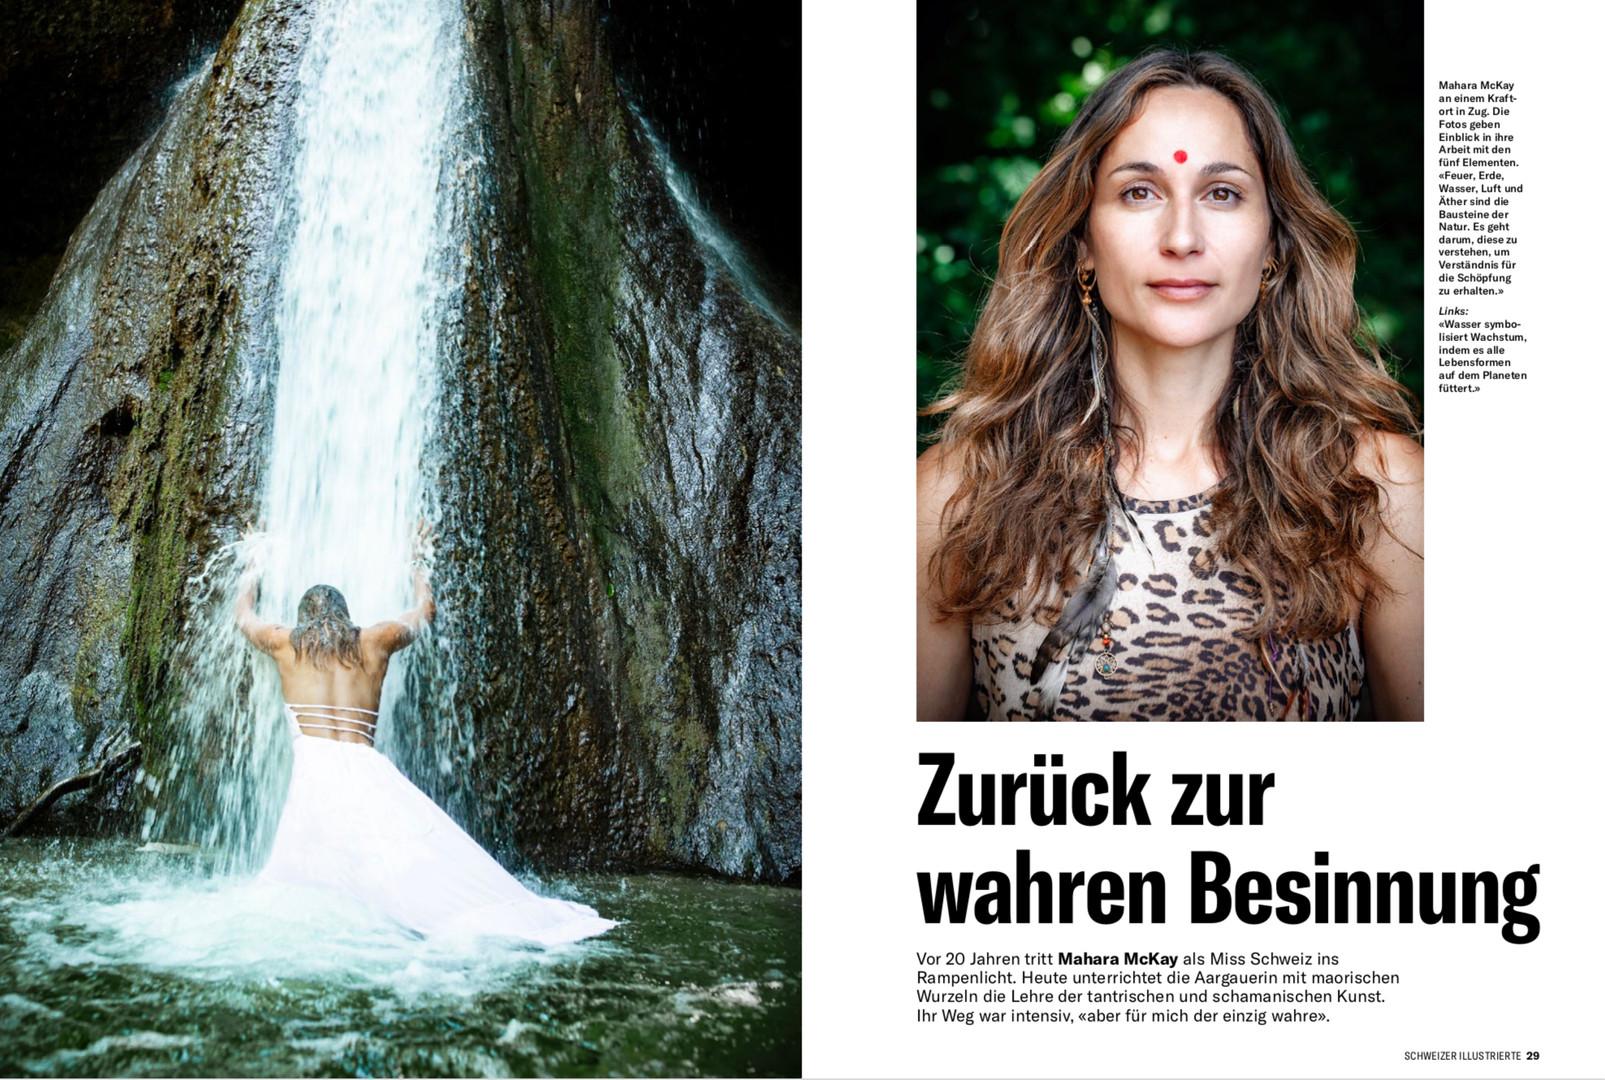 Schweizer Illustrierte Mahara Mckay 2020